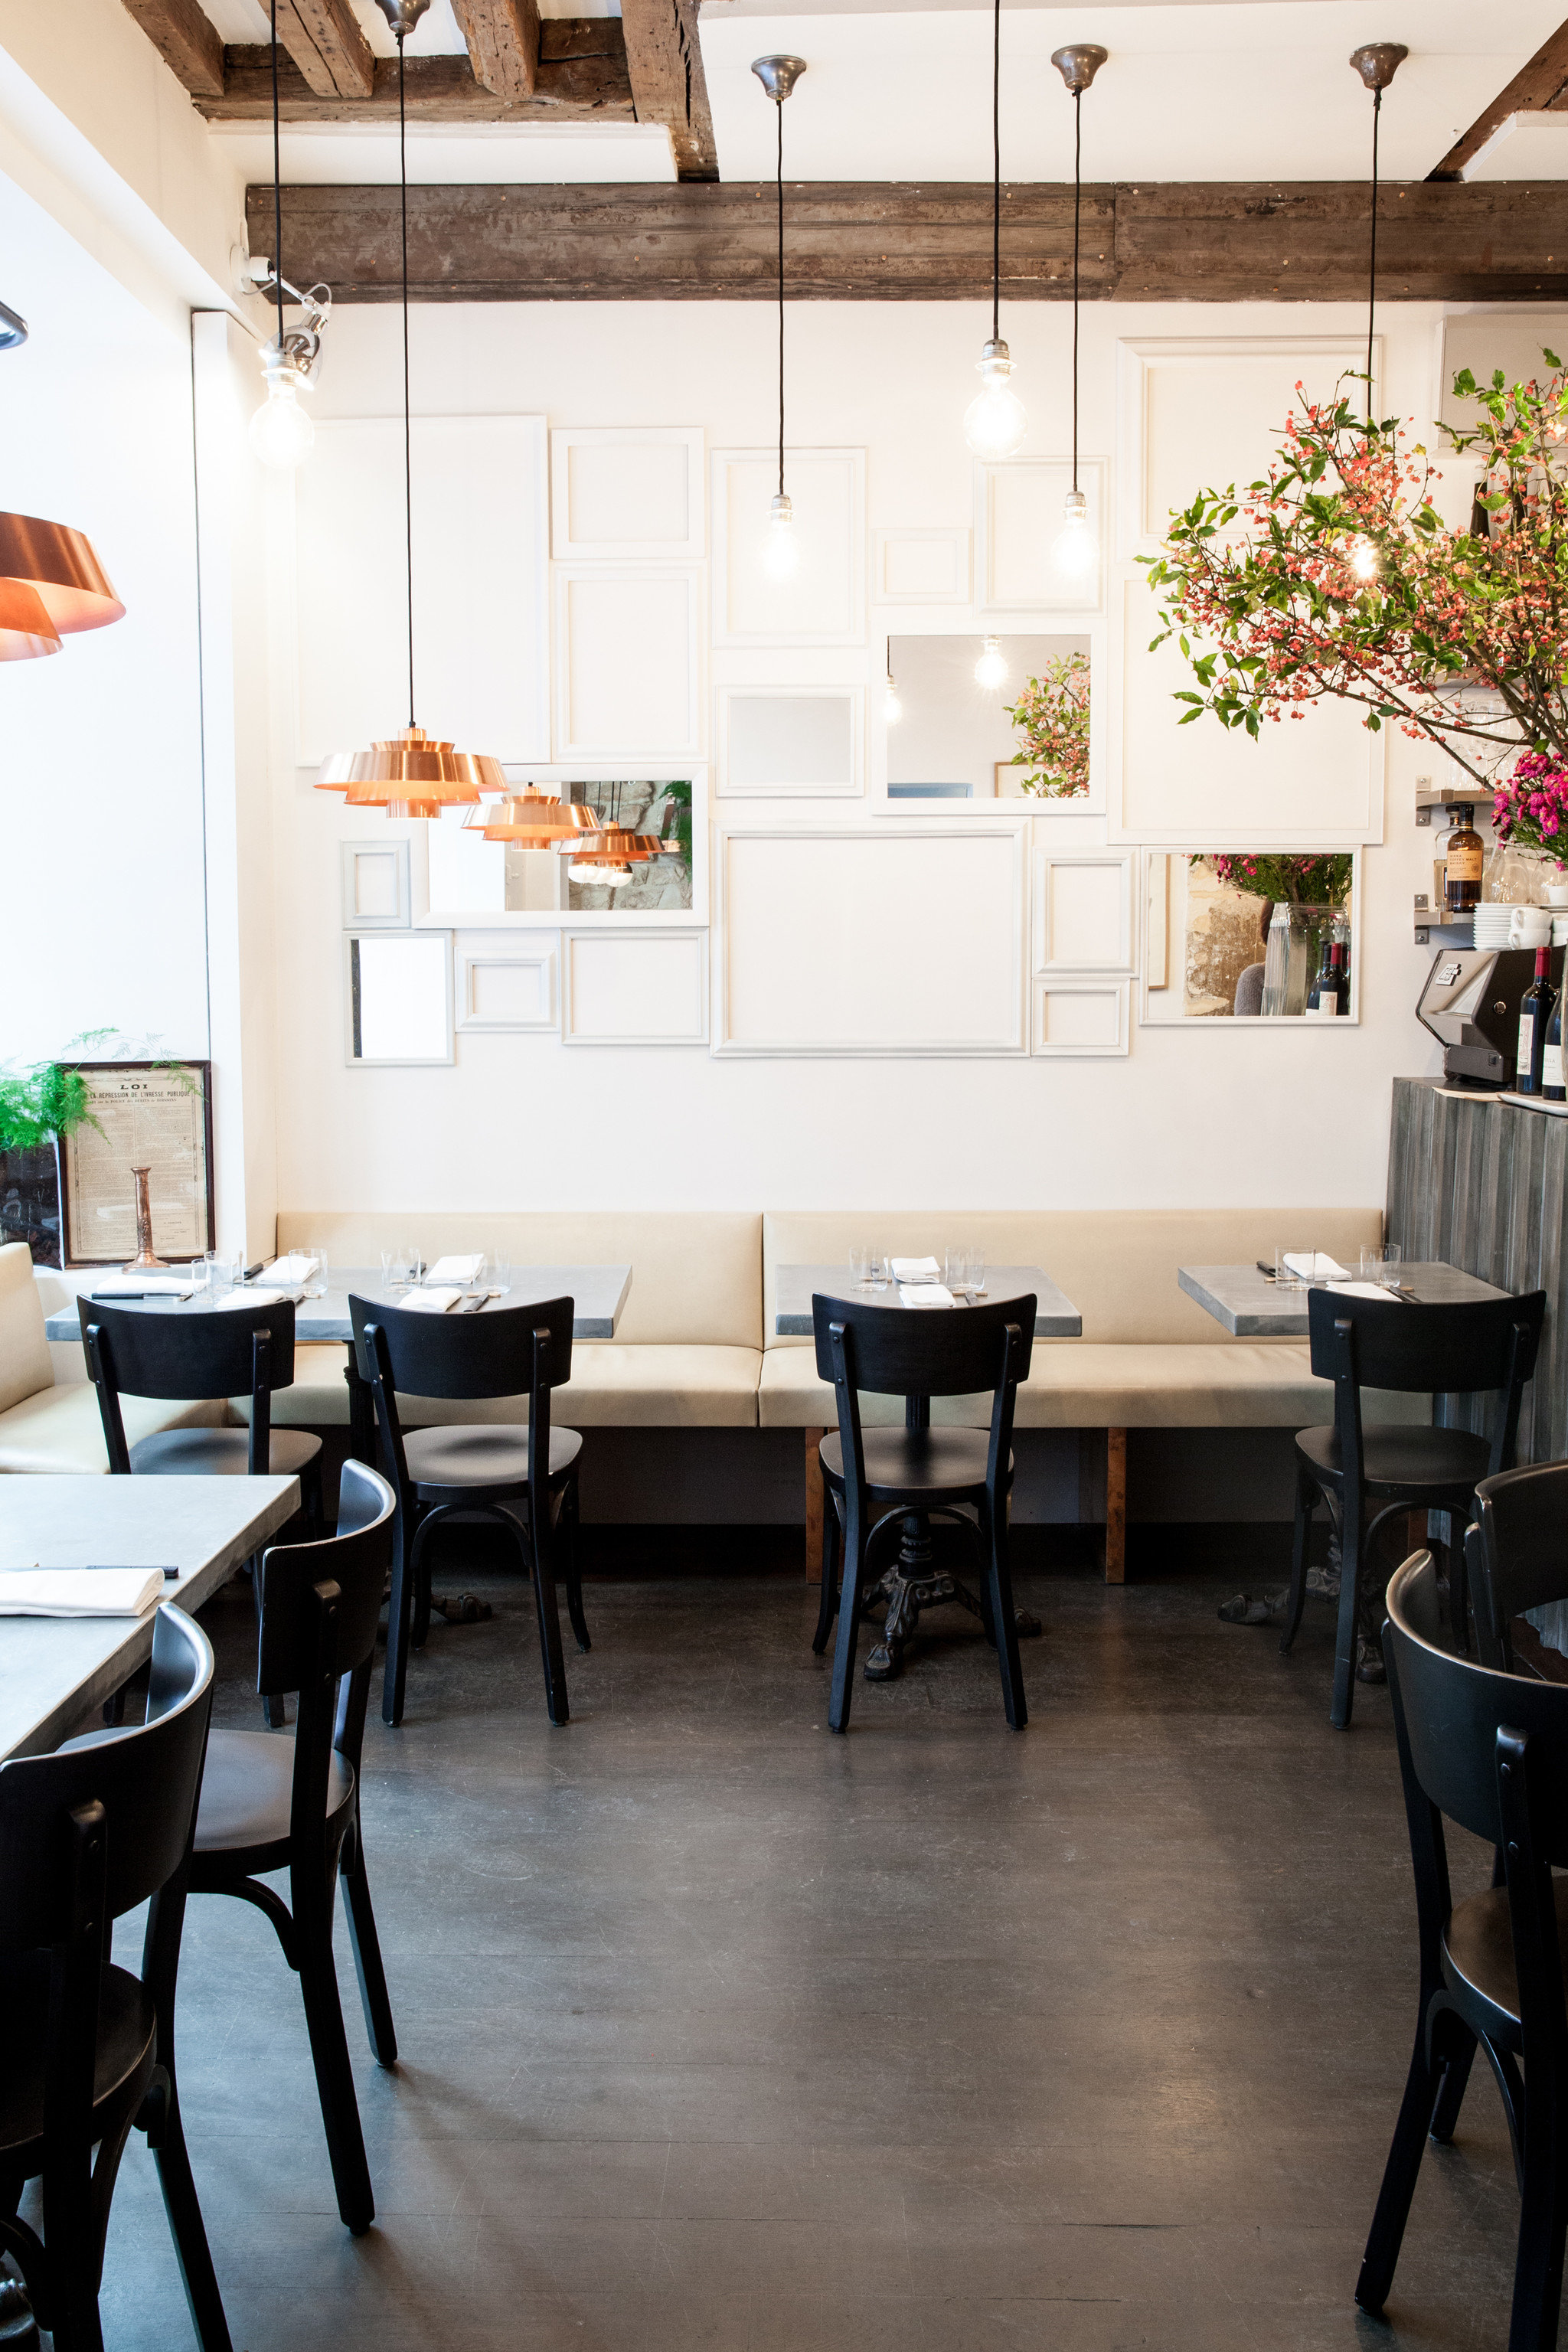 10 Most Romantic Restaurants in Paris